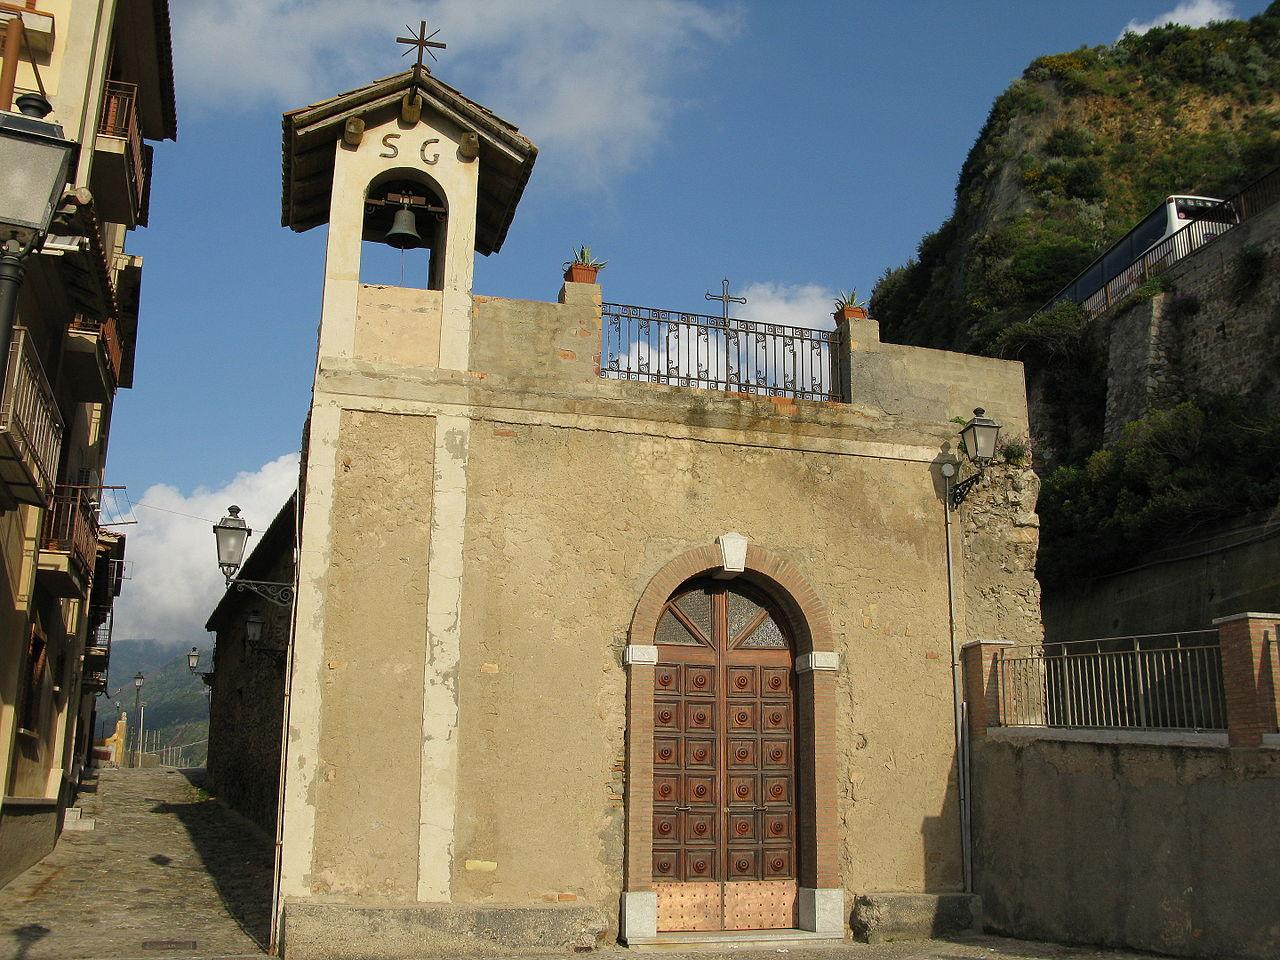 File:Chiesa di San Giuseppe - Chianalea di Scilla ...